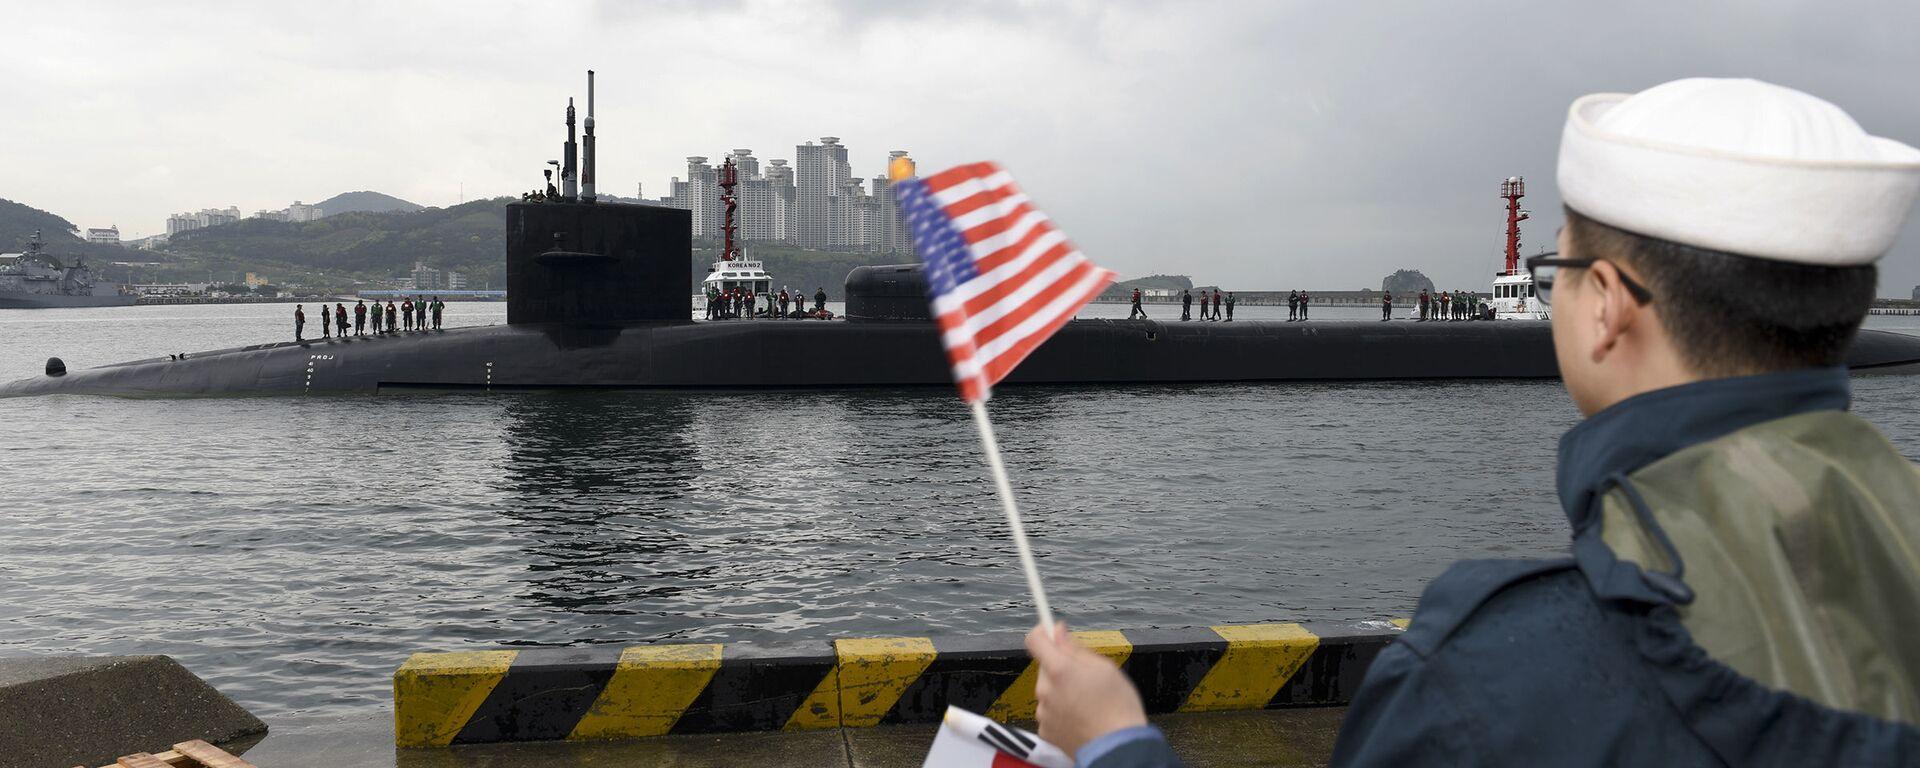 Tàu ngầm hạt nhân Michigan của Mỹ với tên lửa Tomahawk đã vào cảng Busan của Hàn Quốc.  - Sputnik Việt Nam, 1920, 08.10.2021